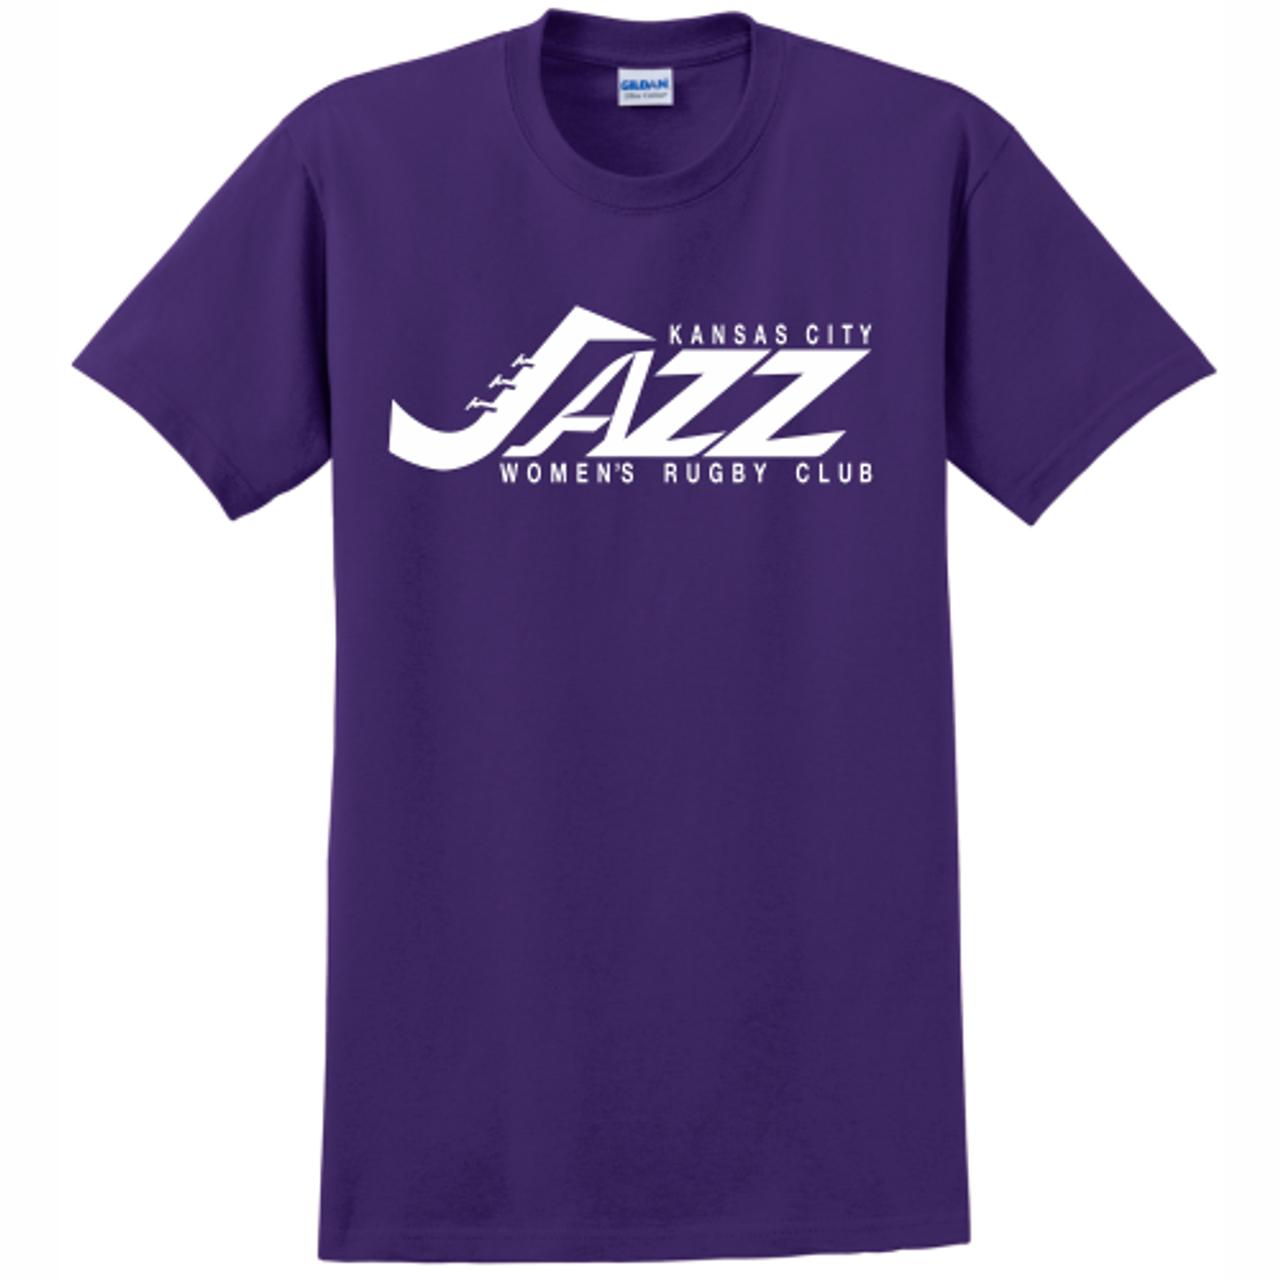 KC Jazz Cotton Tee, Purple